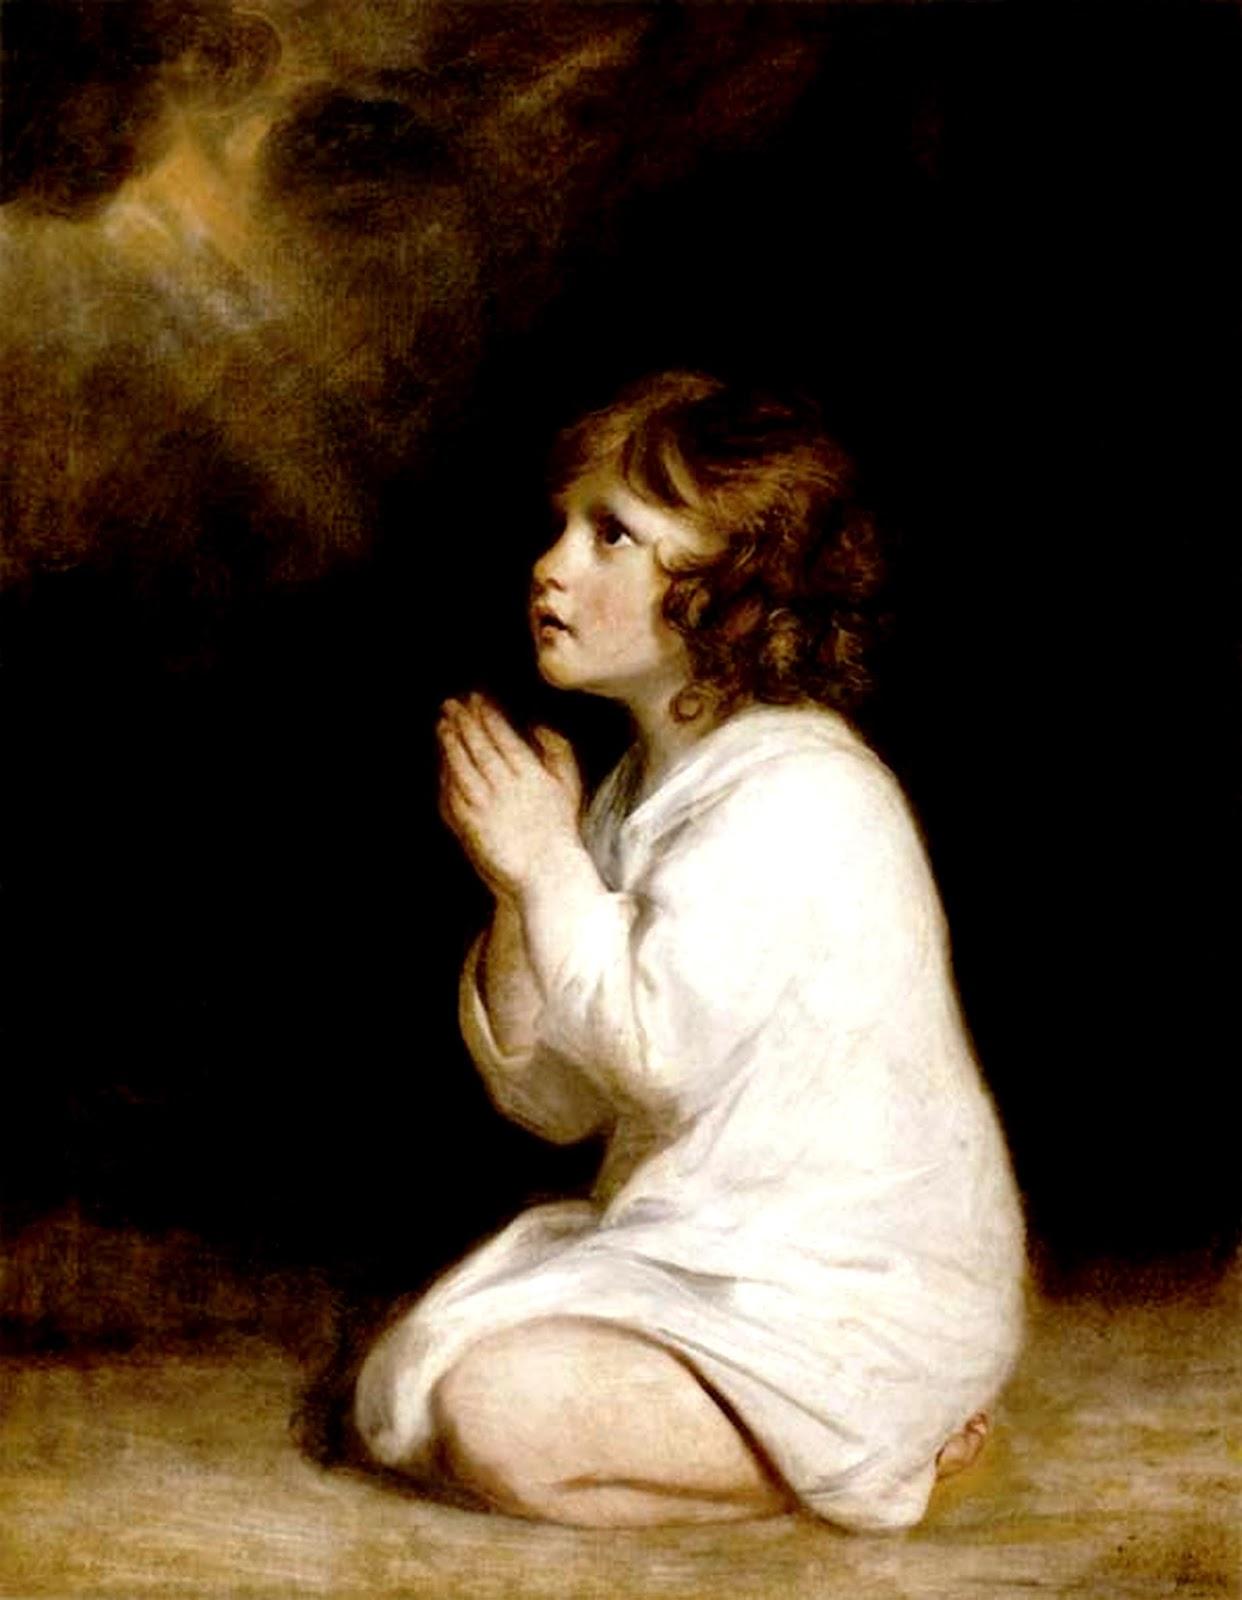 The Infant Samuel, Hannah's son